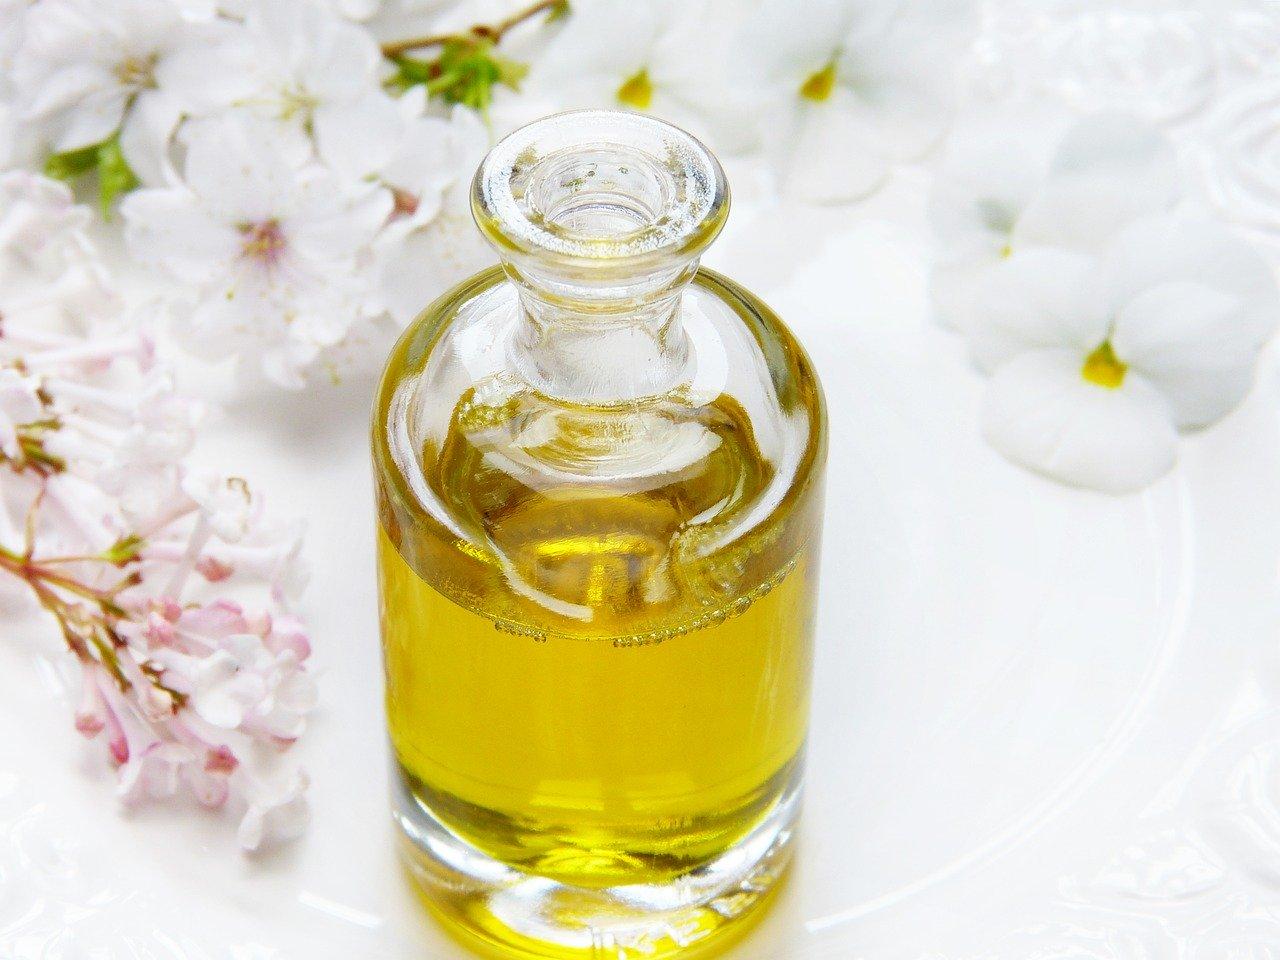 Czy warto stosować domowe kosmetyki?